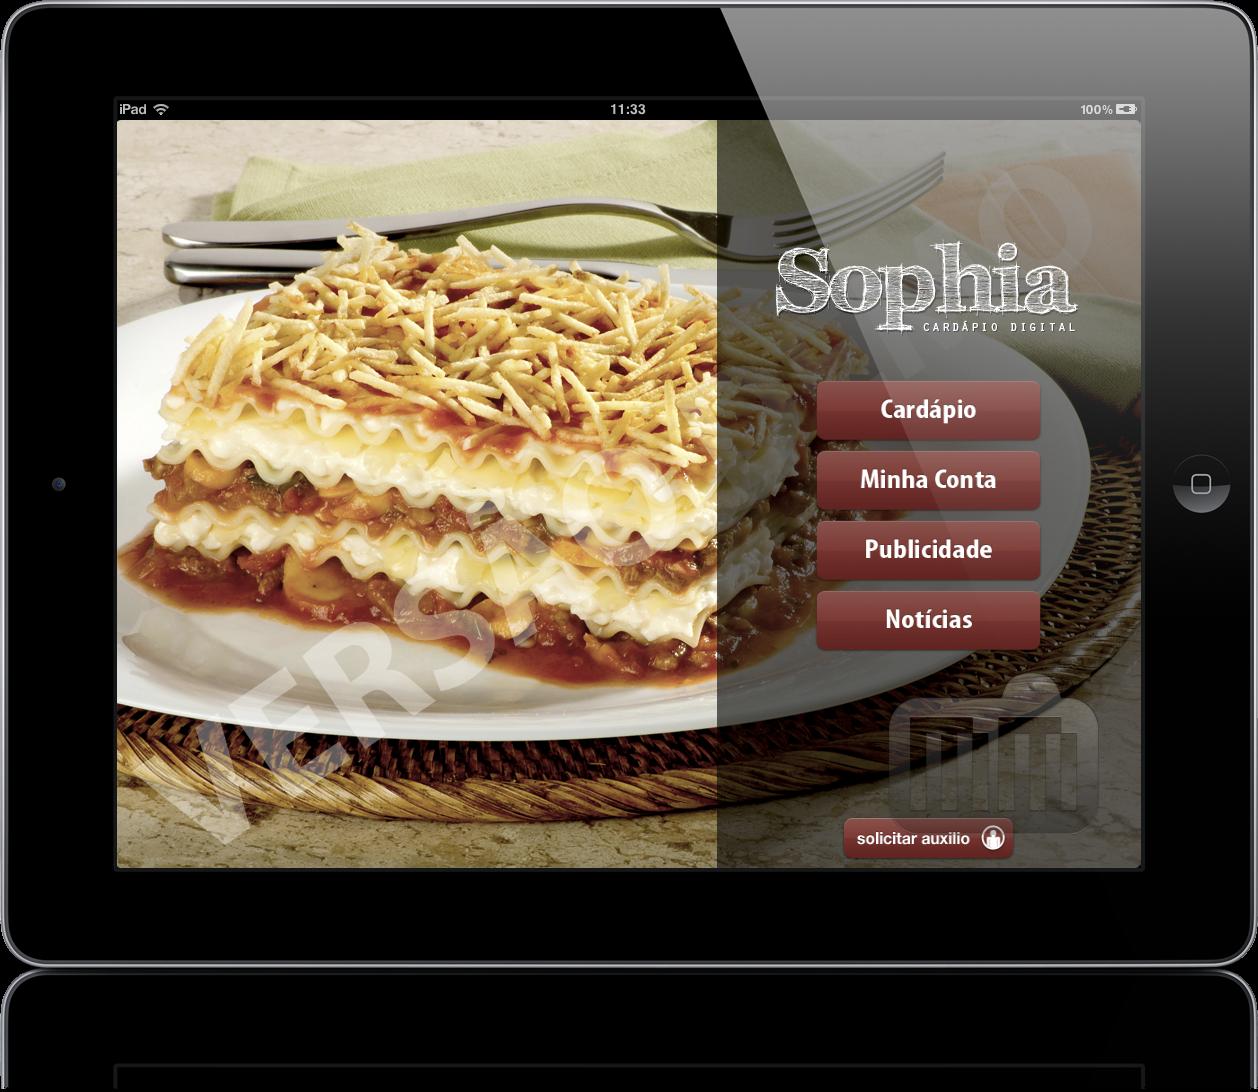 Cardápio Sophia no iPad